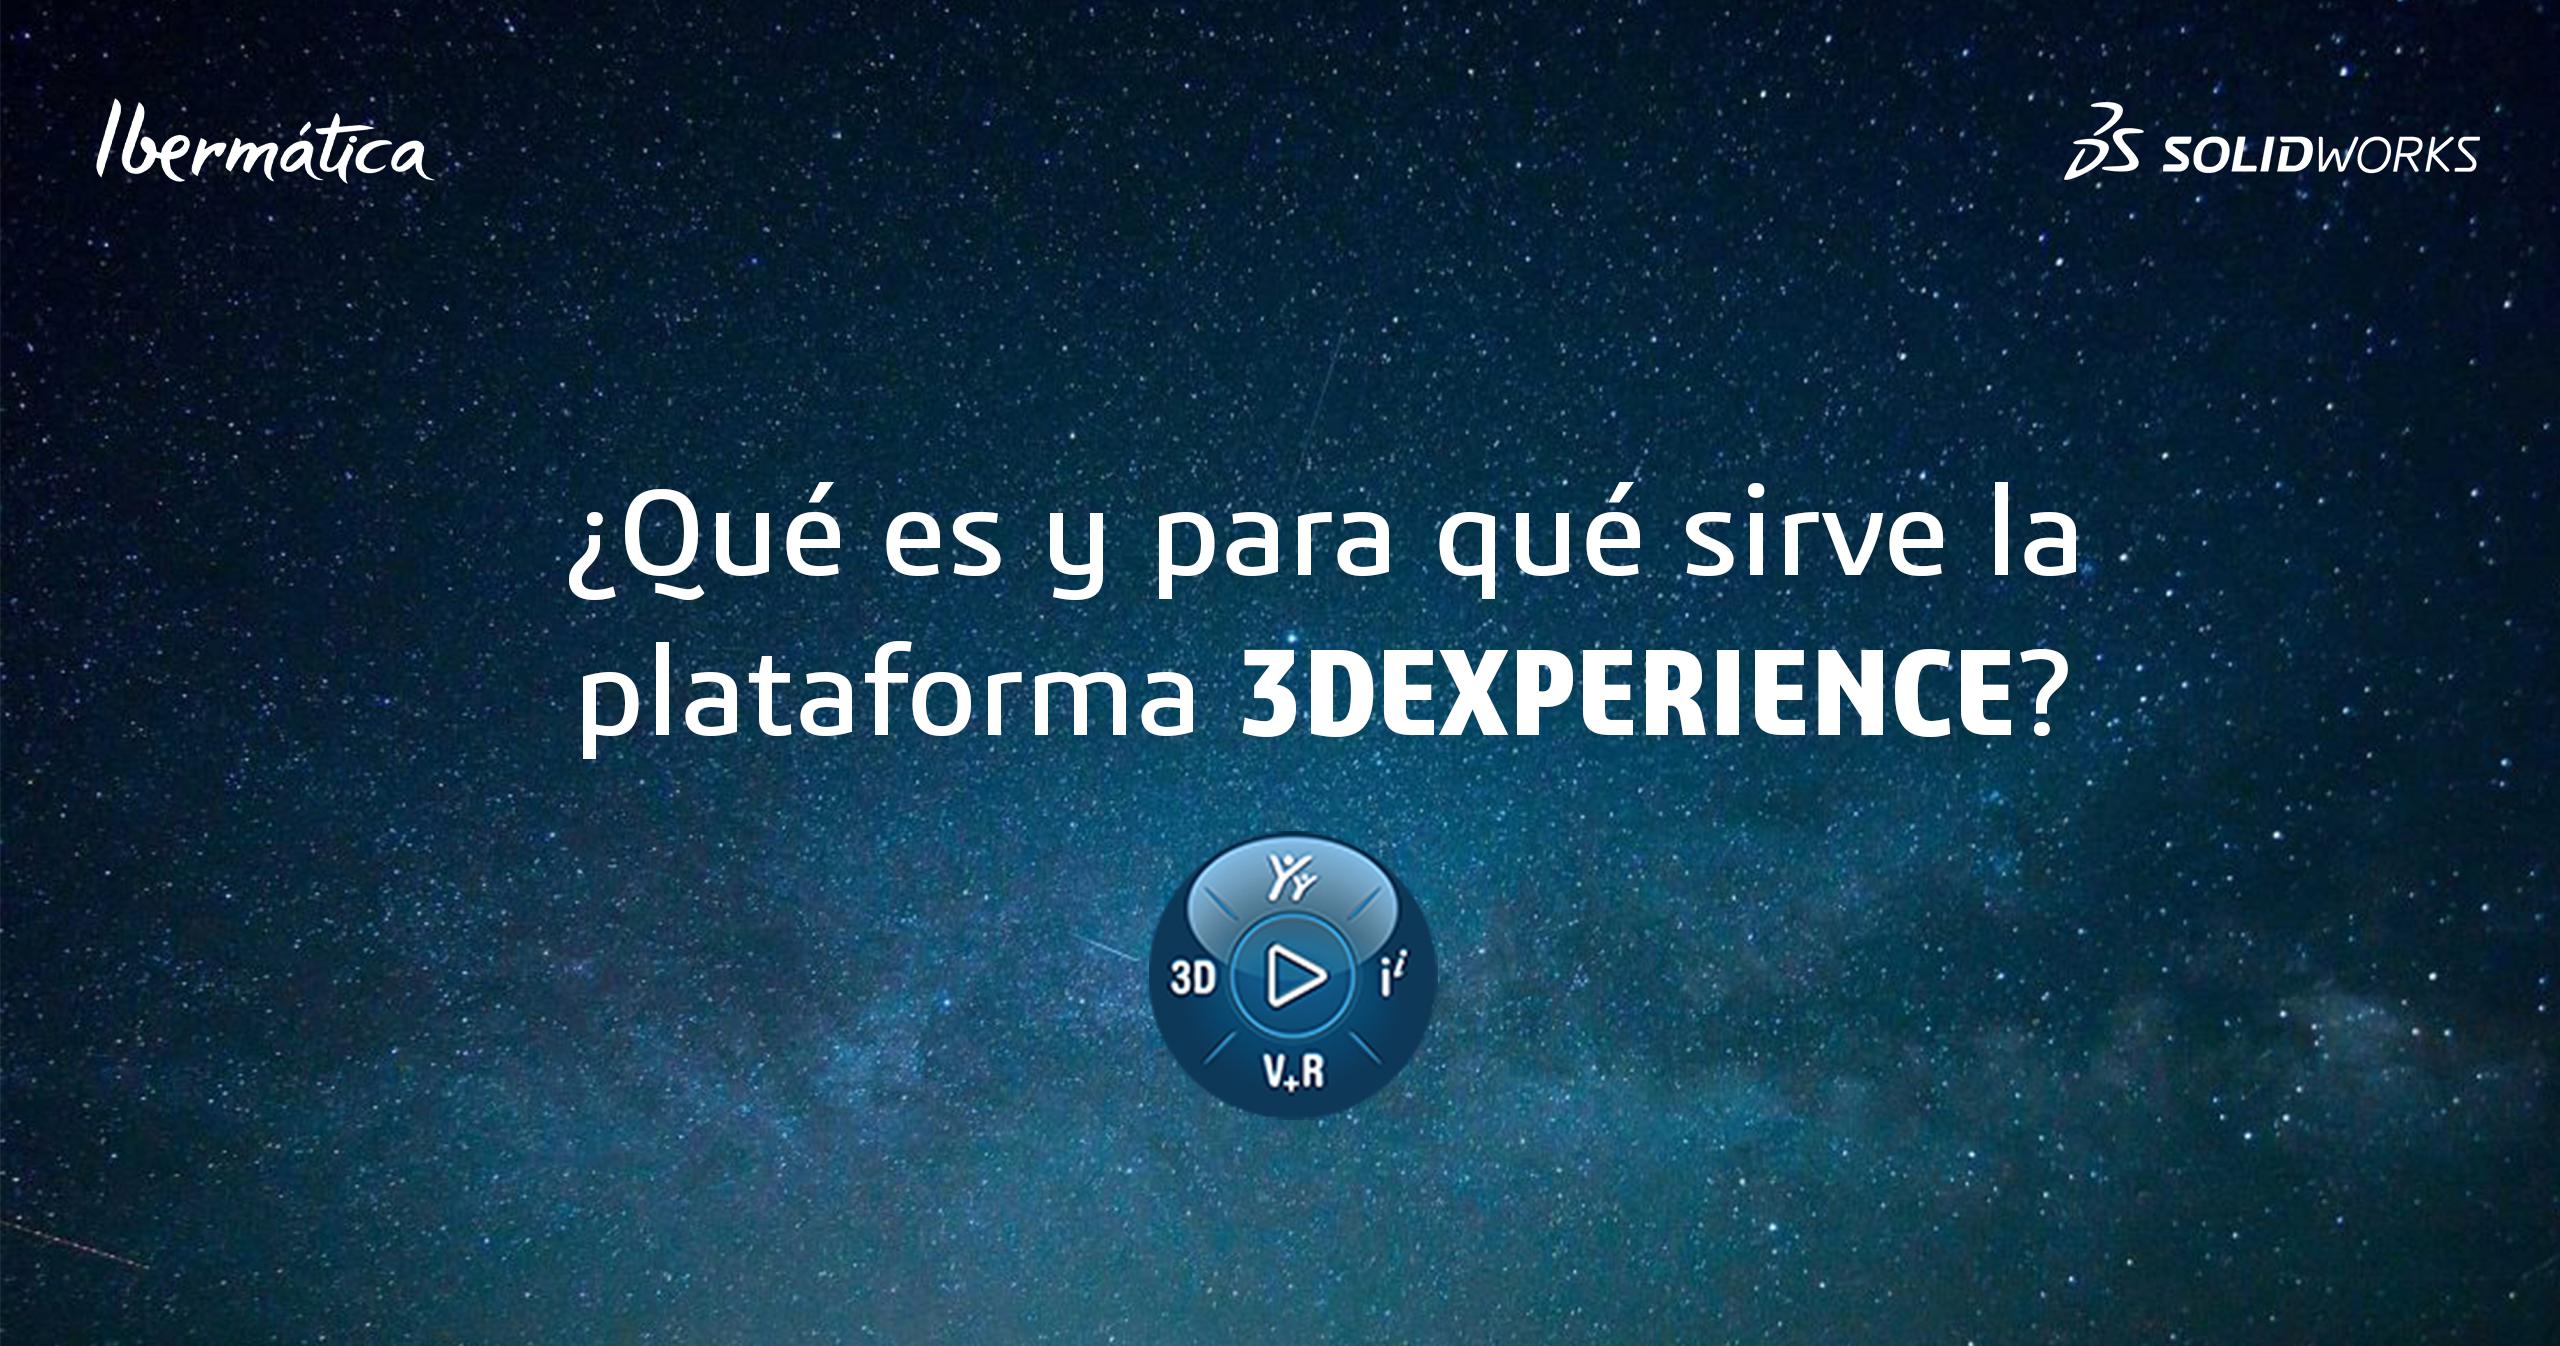 qué es y para qué sirve la plataforma 3DEXPERIENCE